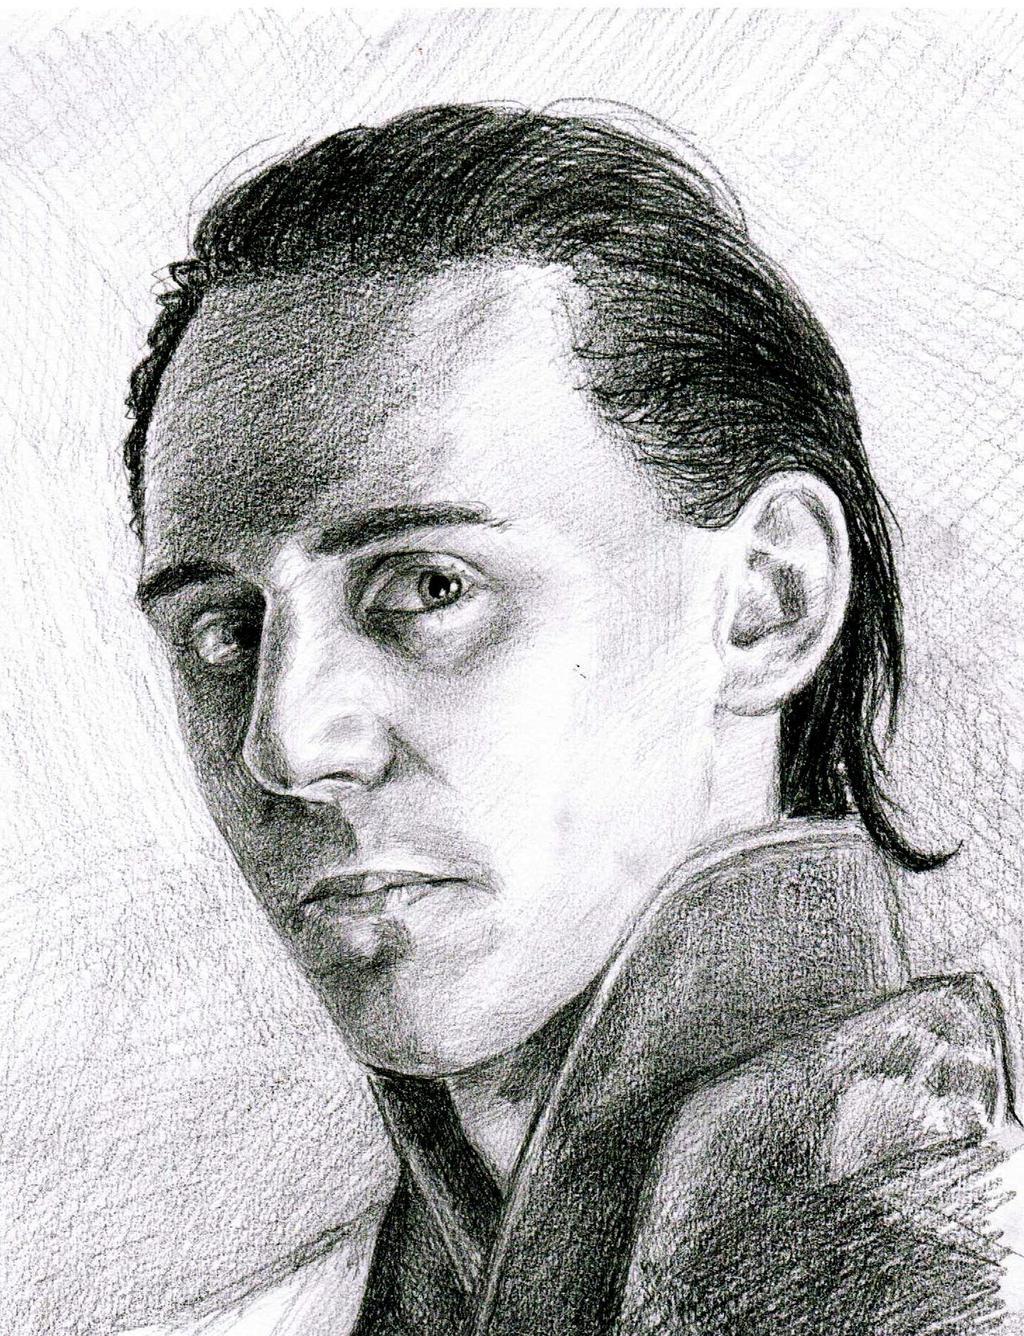 Loki by Paleosonic